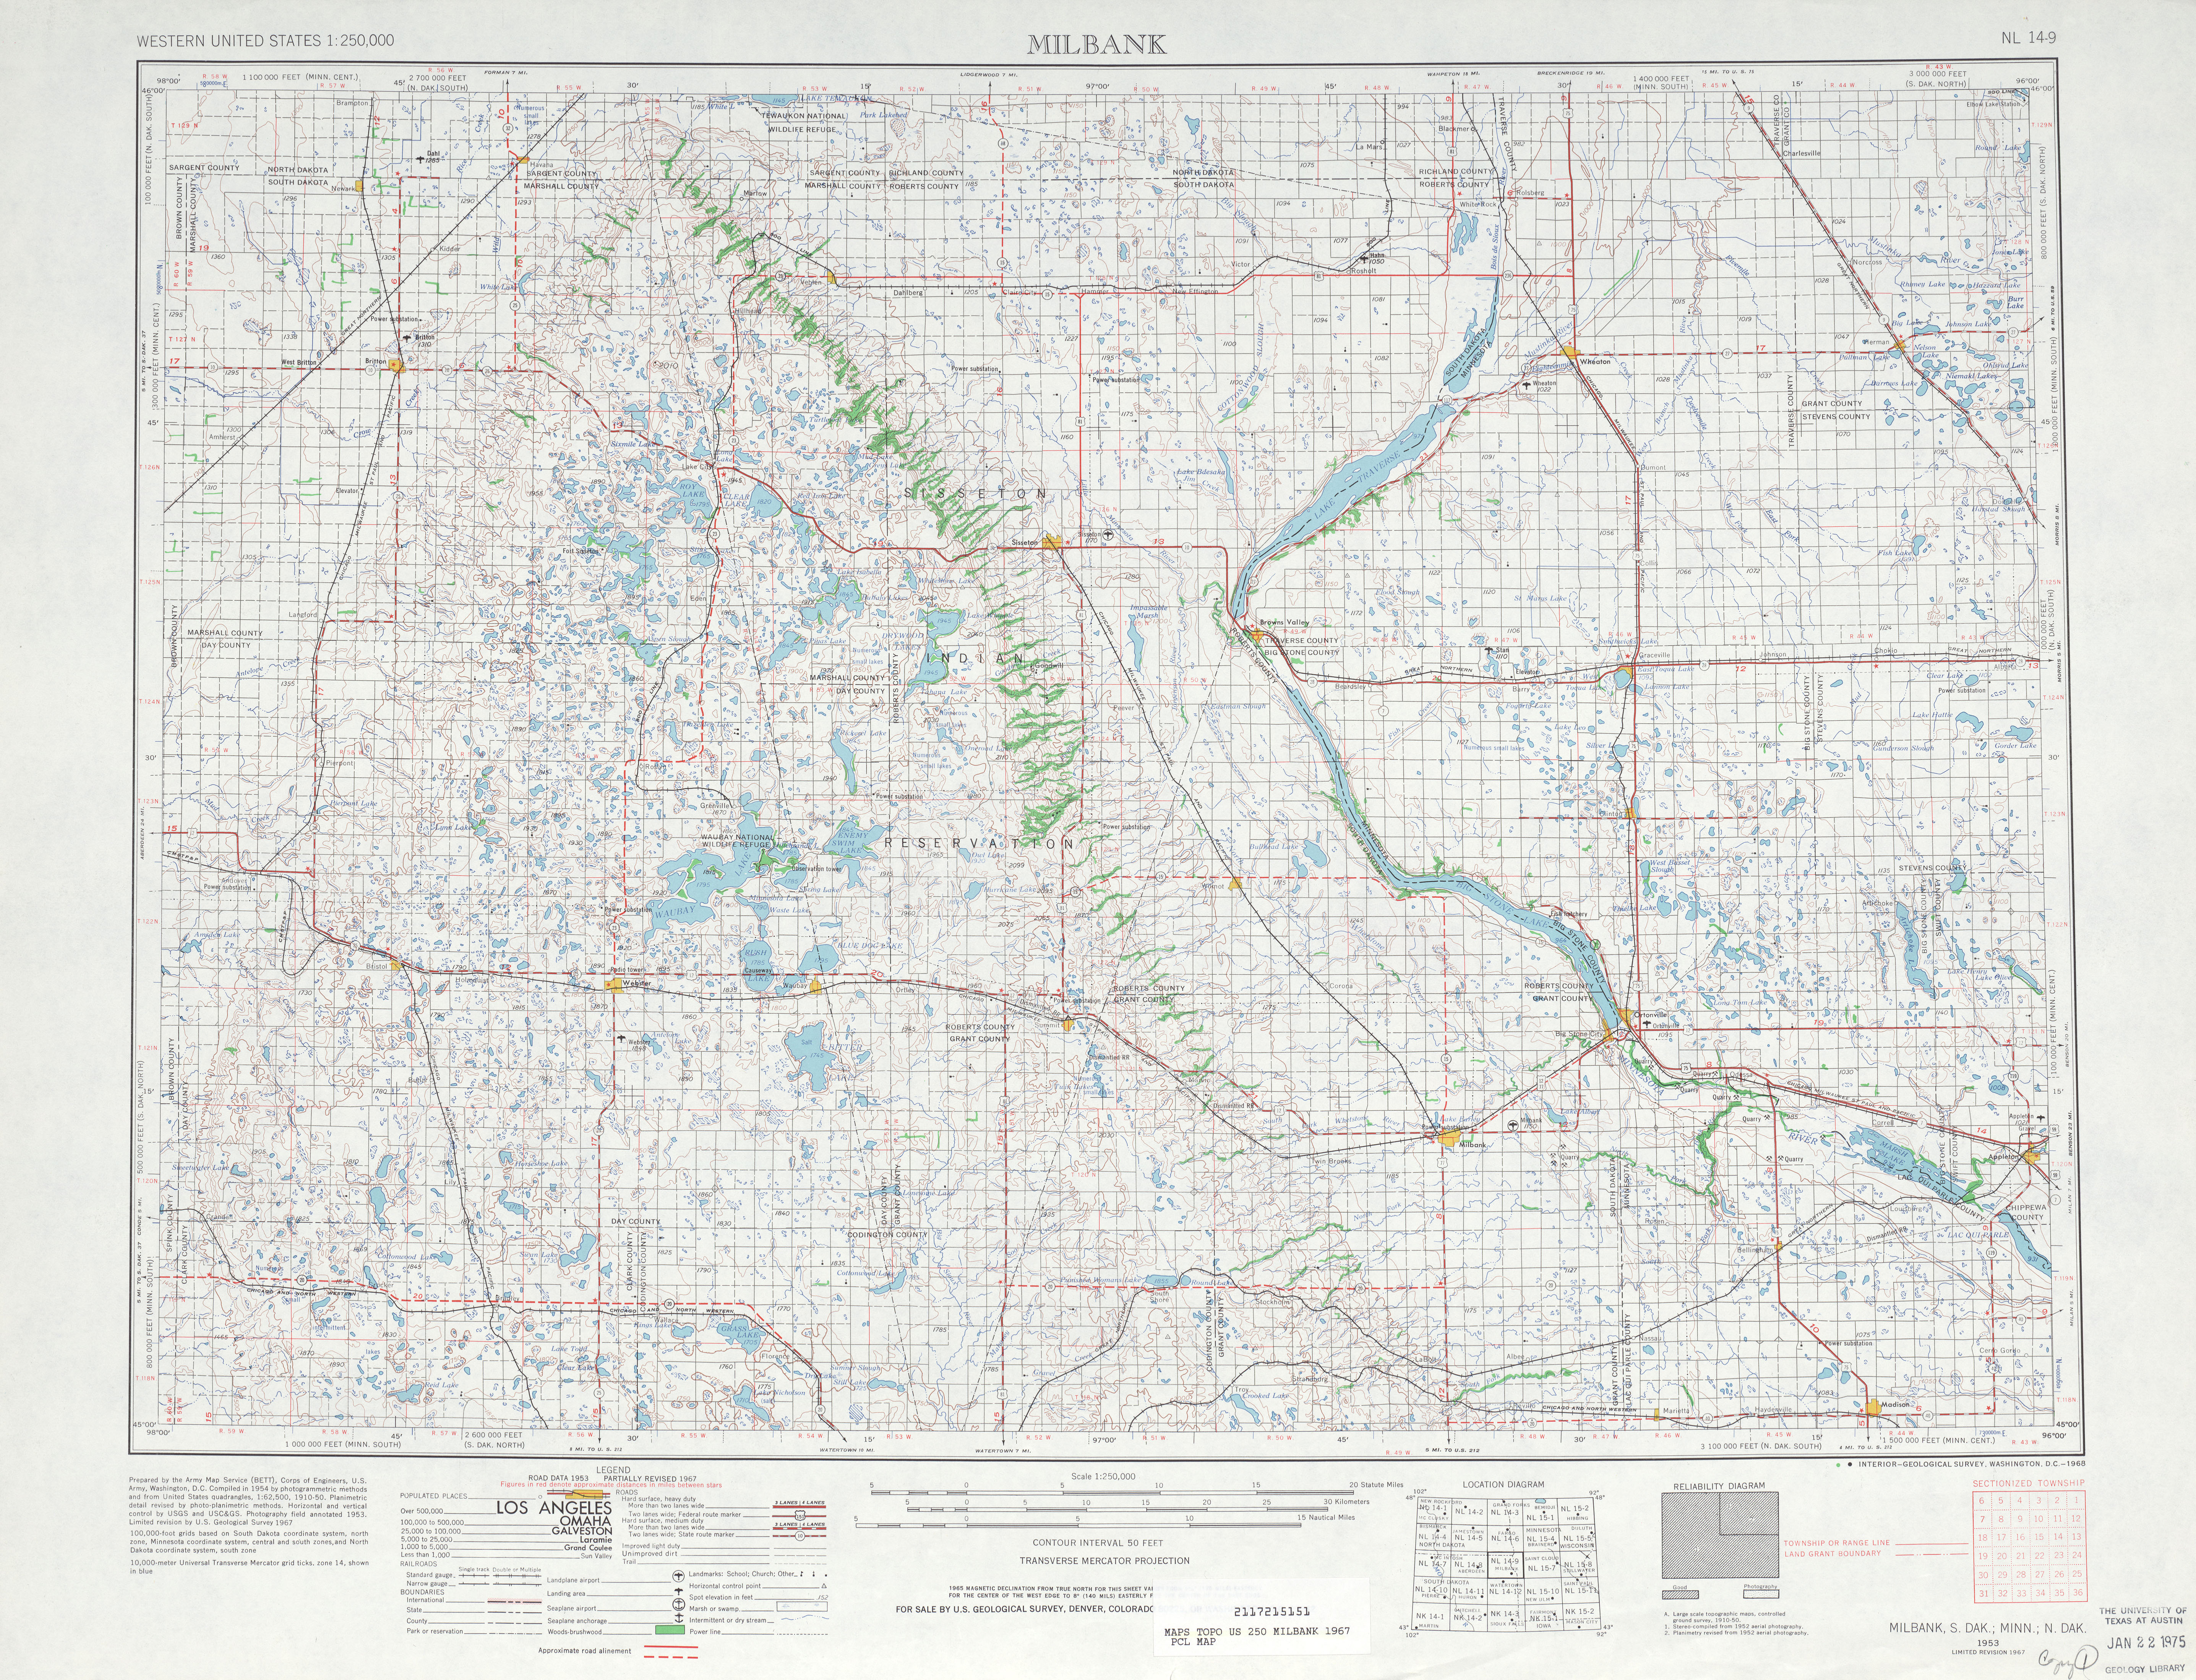 Hoja Milbank del Mapa Topográfico de los Estados Unidos 1967